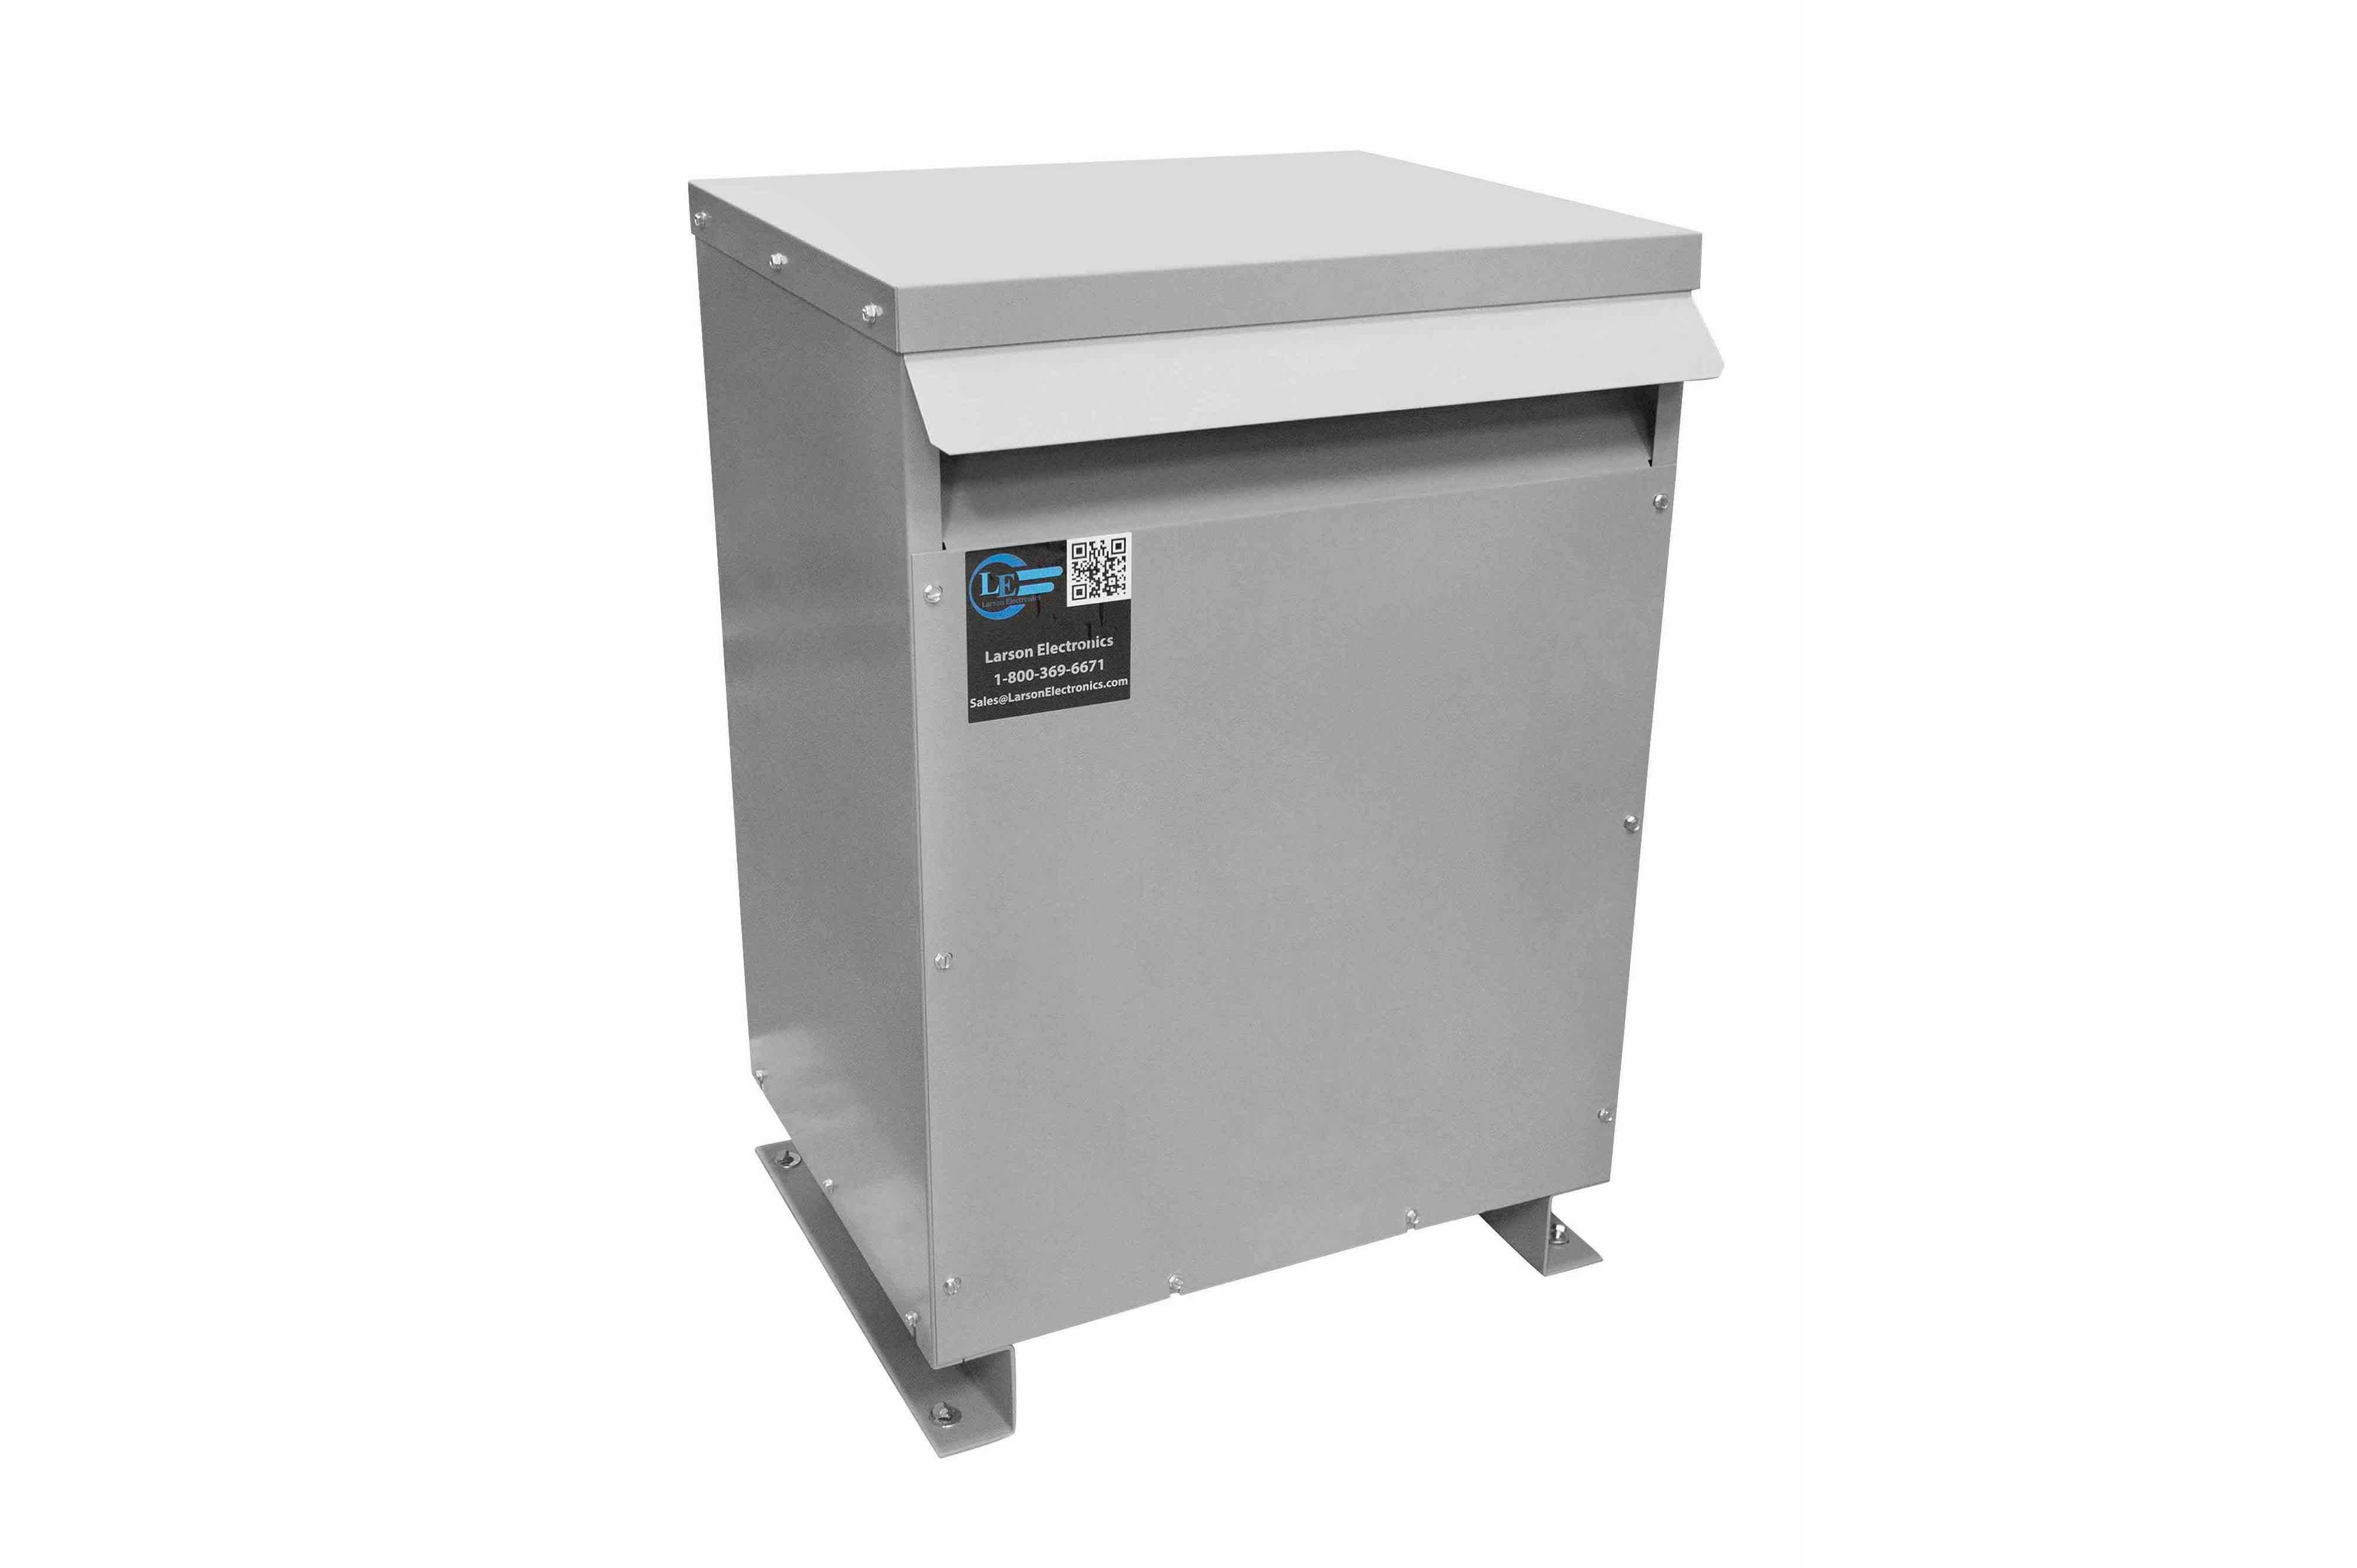 100 kVA 3PH Isolation Transformer, 480V Delta Primary, 480V Delta Secondary, N3R, Ventilated, 60 Hz